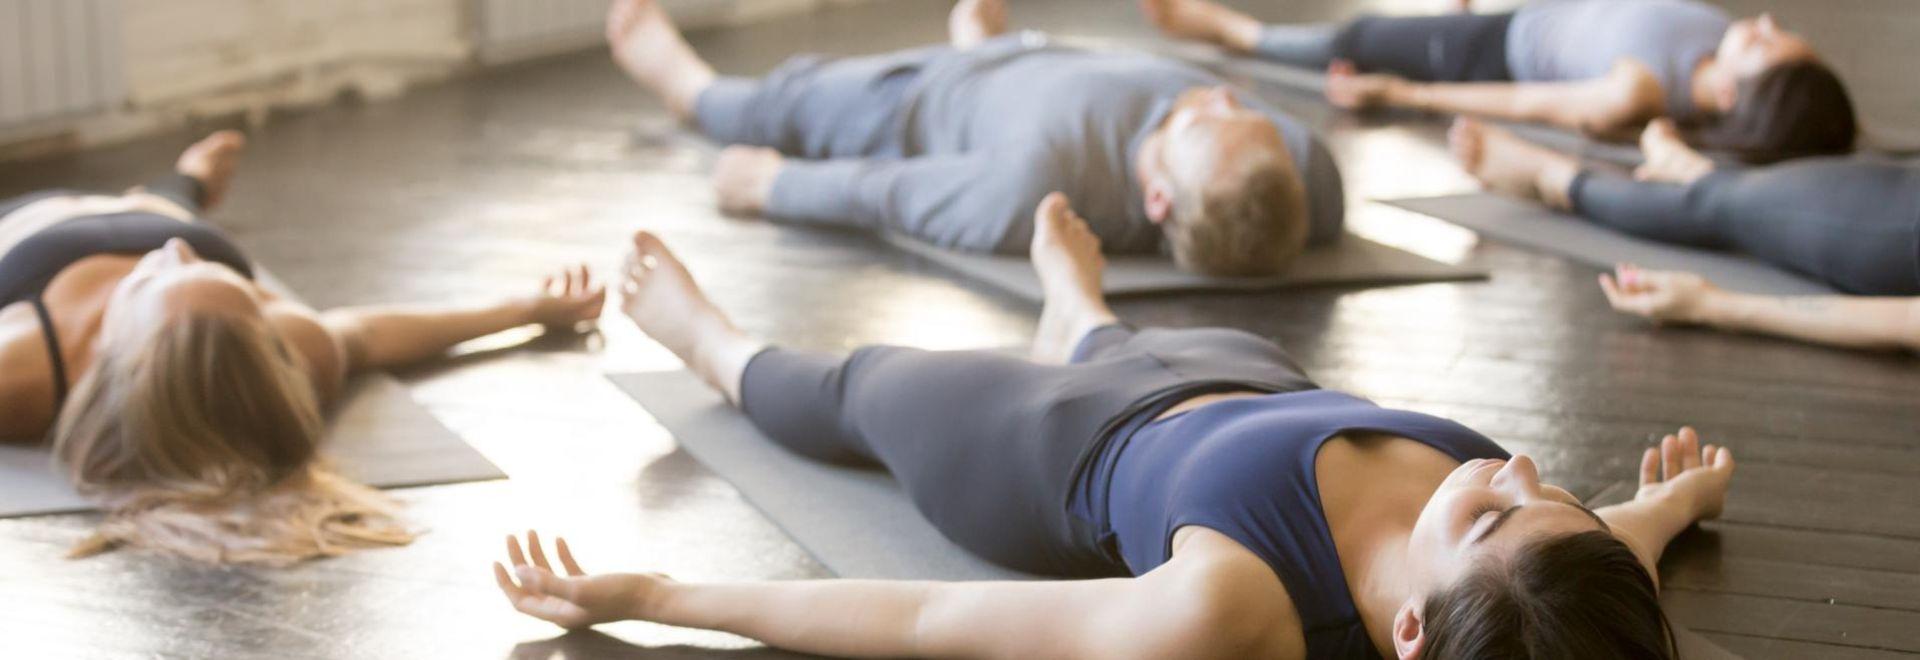 Biologische Grundlagen und eine Work-Life-Balance als Stressprävention erlernen